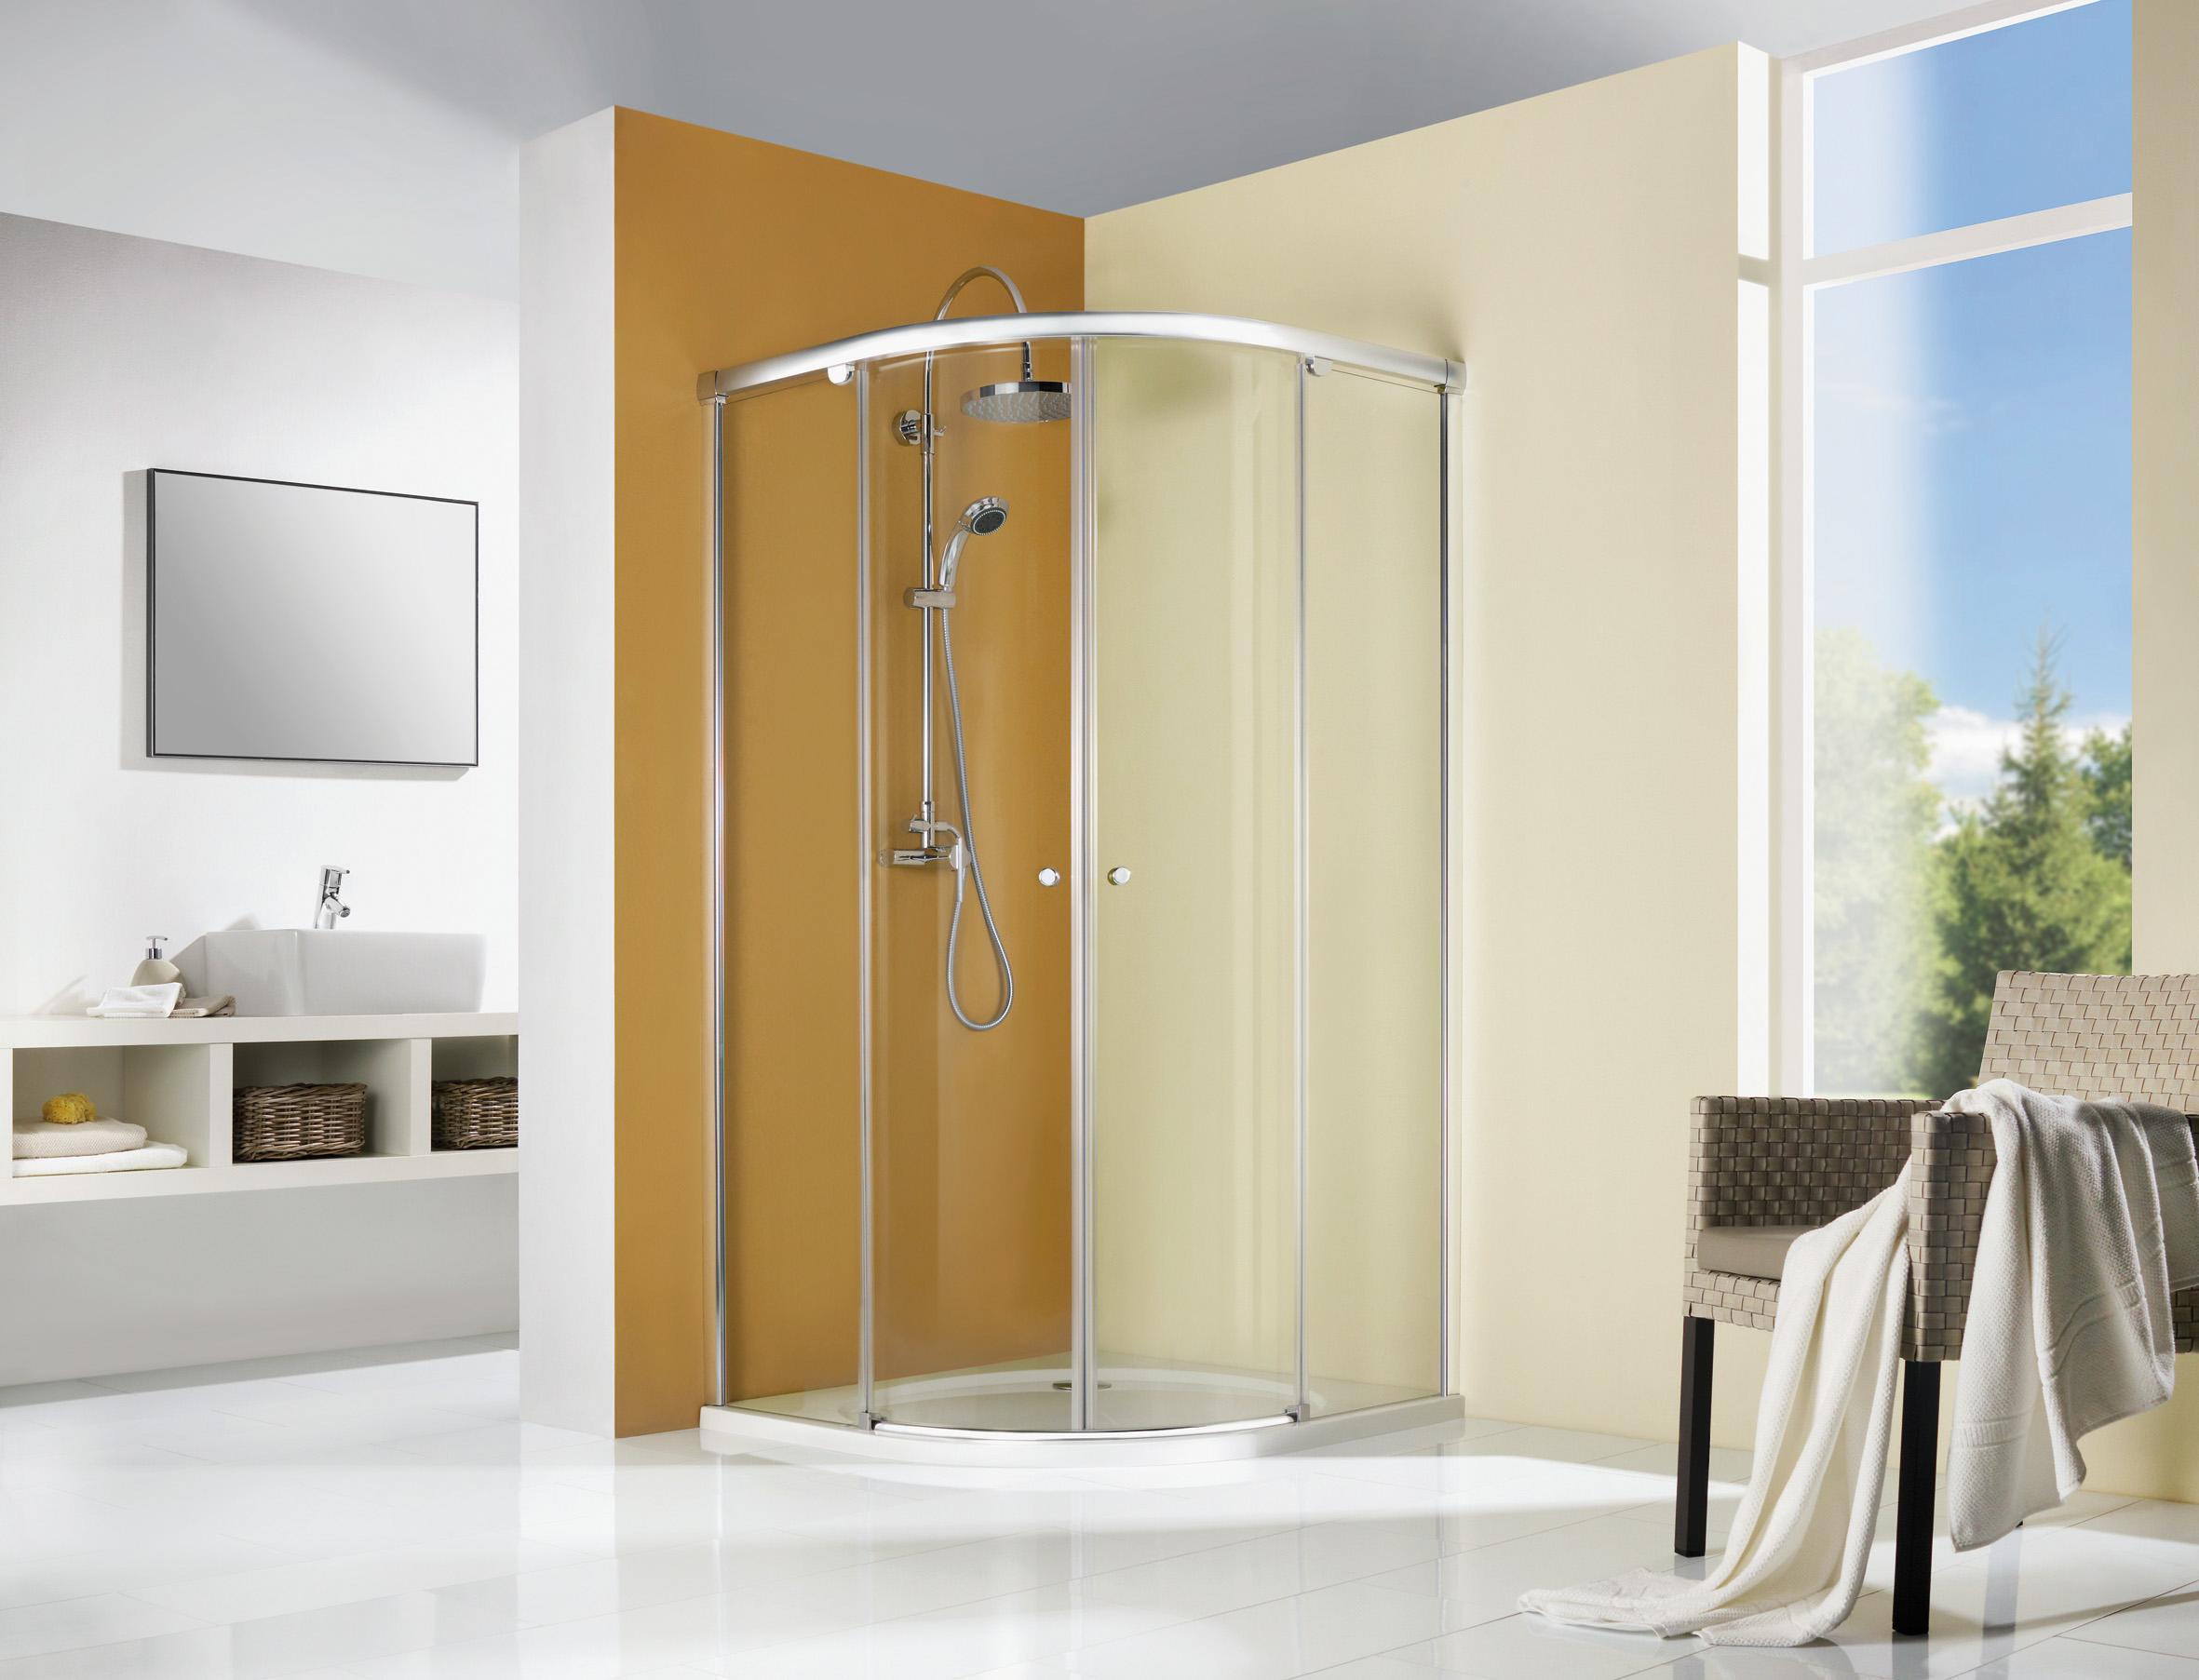 Full Size of Breuer Duschen Fara 6 Runddusche Badshop Srig Sprinz Schulte Werksverkauf Hsk Moderne Bodengleiche Hüppe Begehbare Kaufen Dusche Breuer Duschen